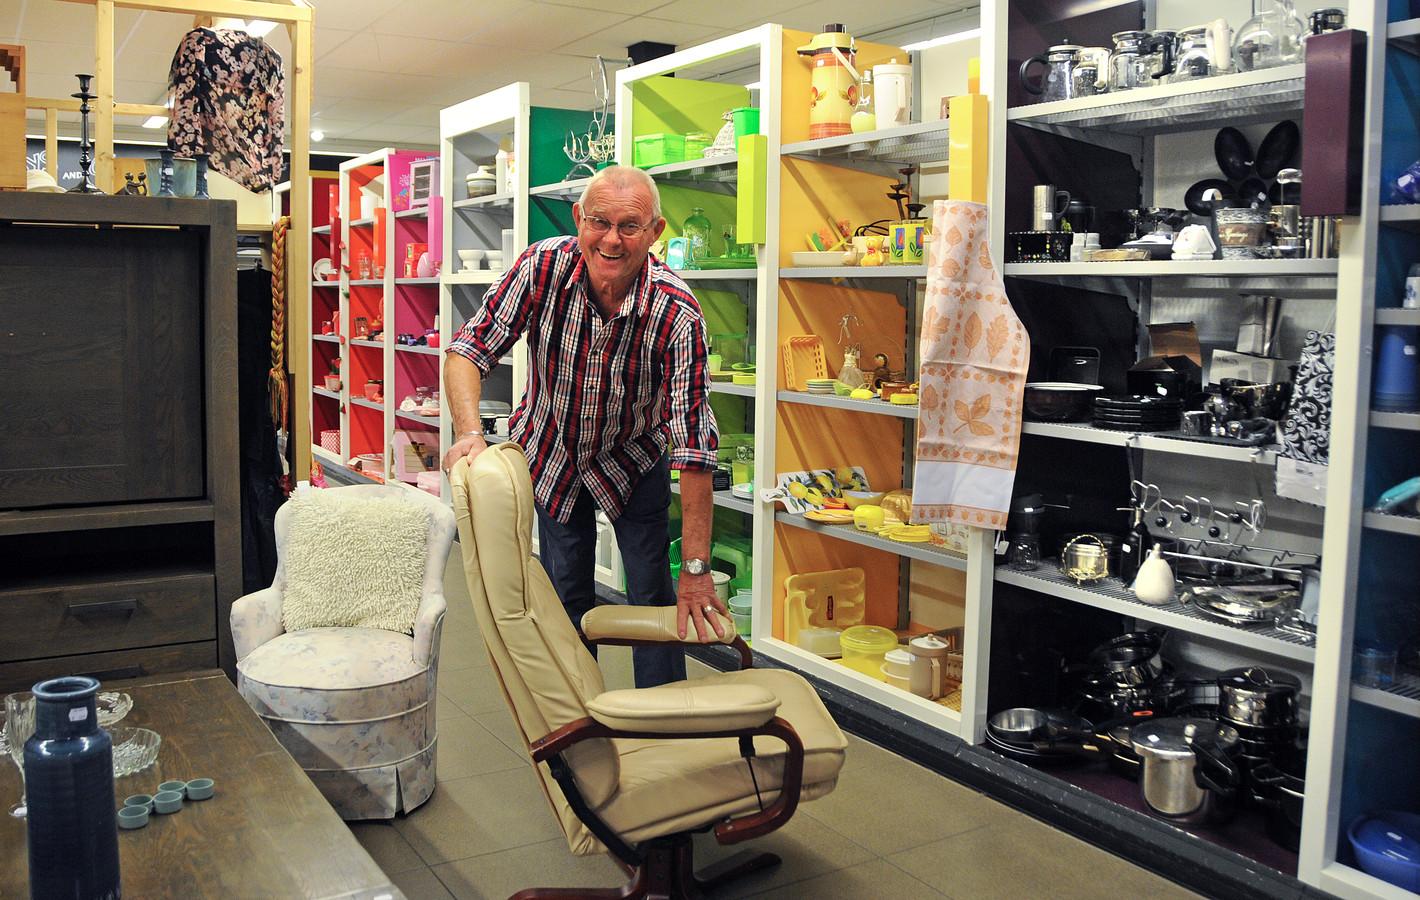 Bram van den Berge in de kringloopwinkel van Woord en Daad in Nieuwerkerk.